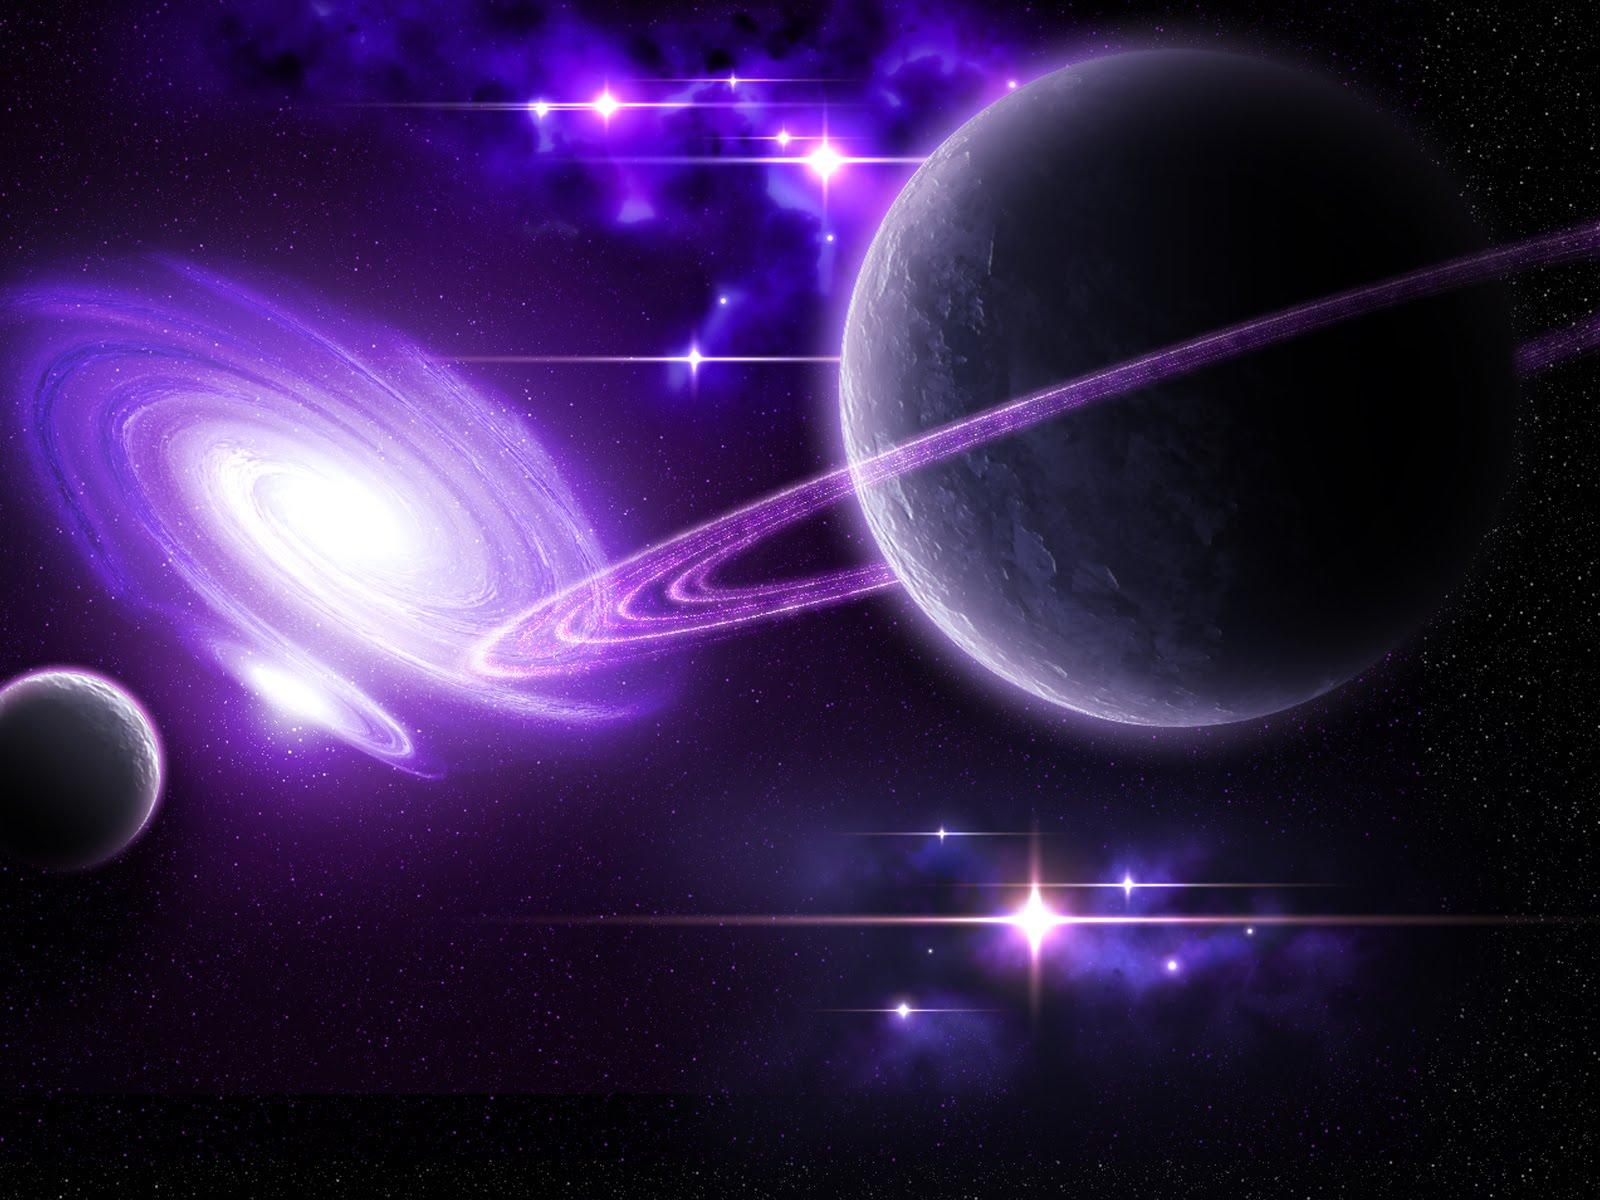 http://1.bp.blogspot.com/_2U3U6AwE-ZQ/S7R1ZPFOvyI/AAAAAAAAAJQ/hfu53sz-goc/s1600/Universe-054%28www.TheWallpapers.org%29.jpg